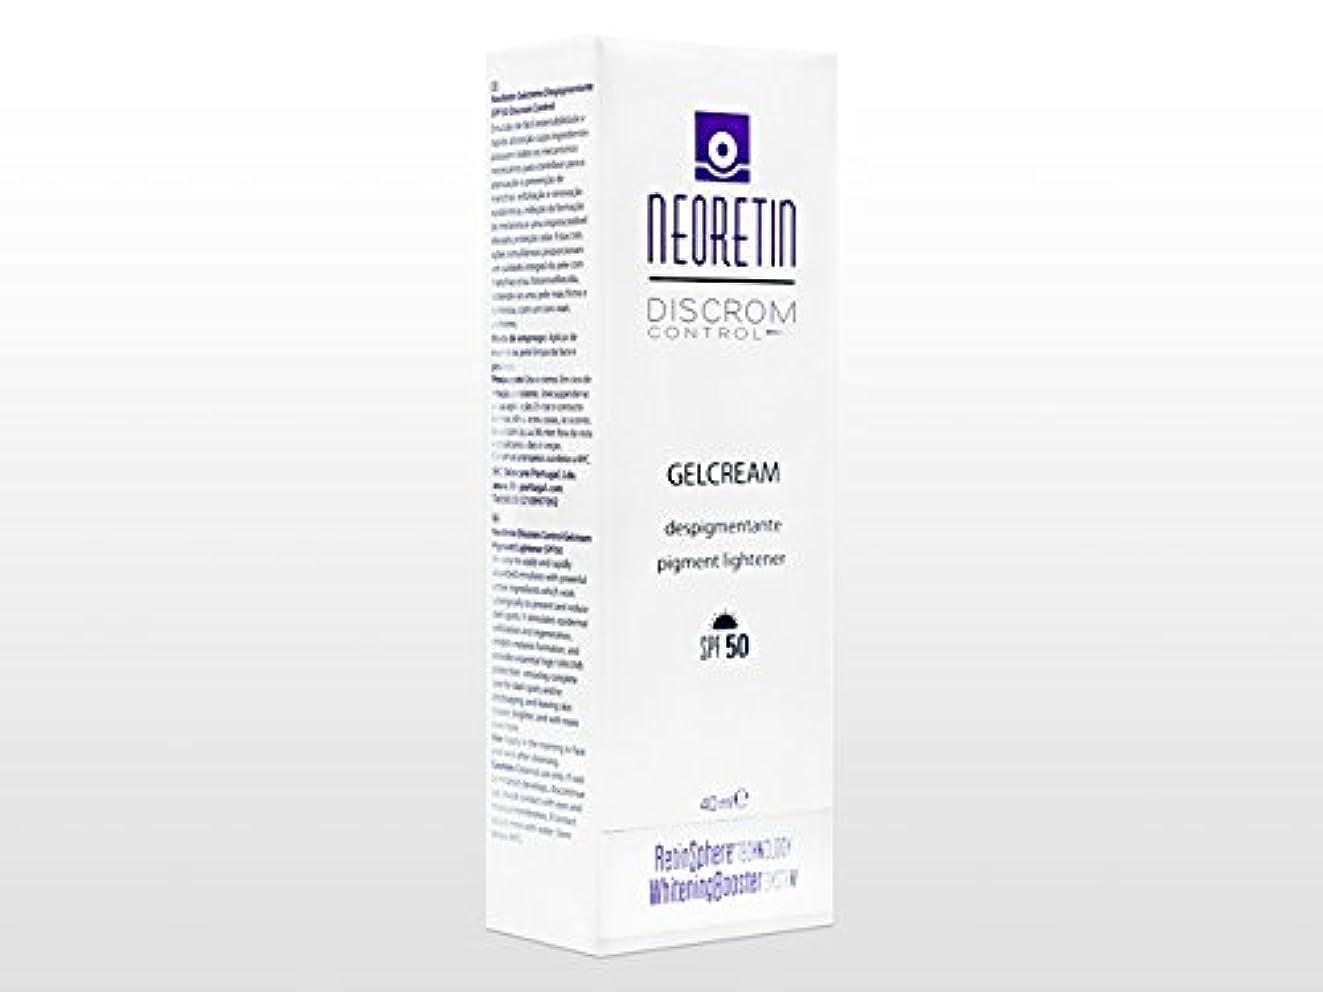 ヘリオケアの美白シリーズ! シミ、傷跡などの色素沈着などあらゆるシミのケアに!Neoretin Discrom Control Gelcream SPF50 【海外直送品】